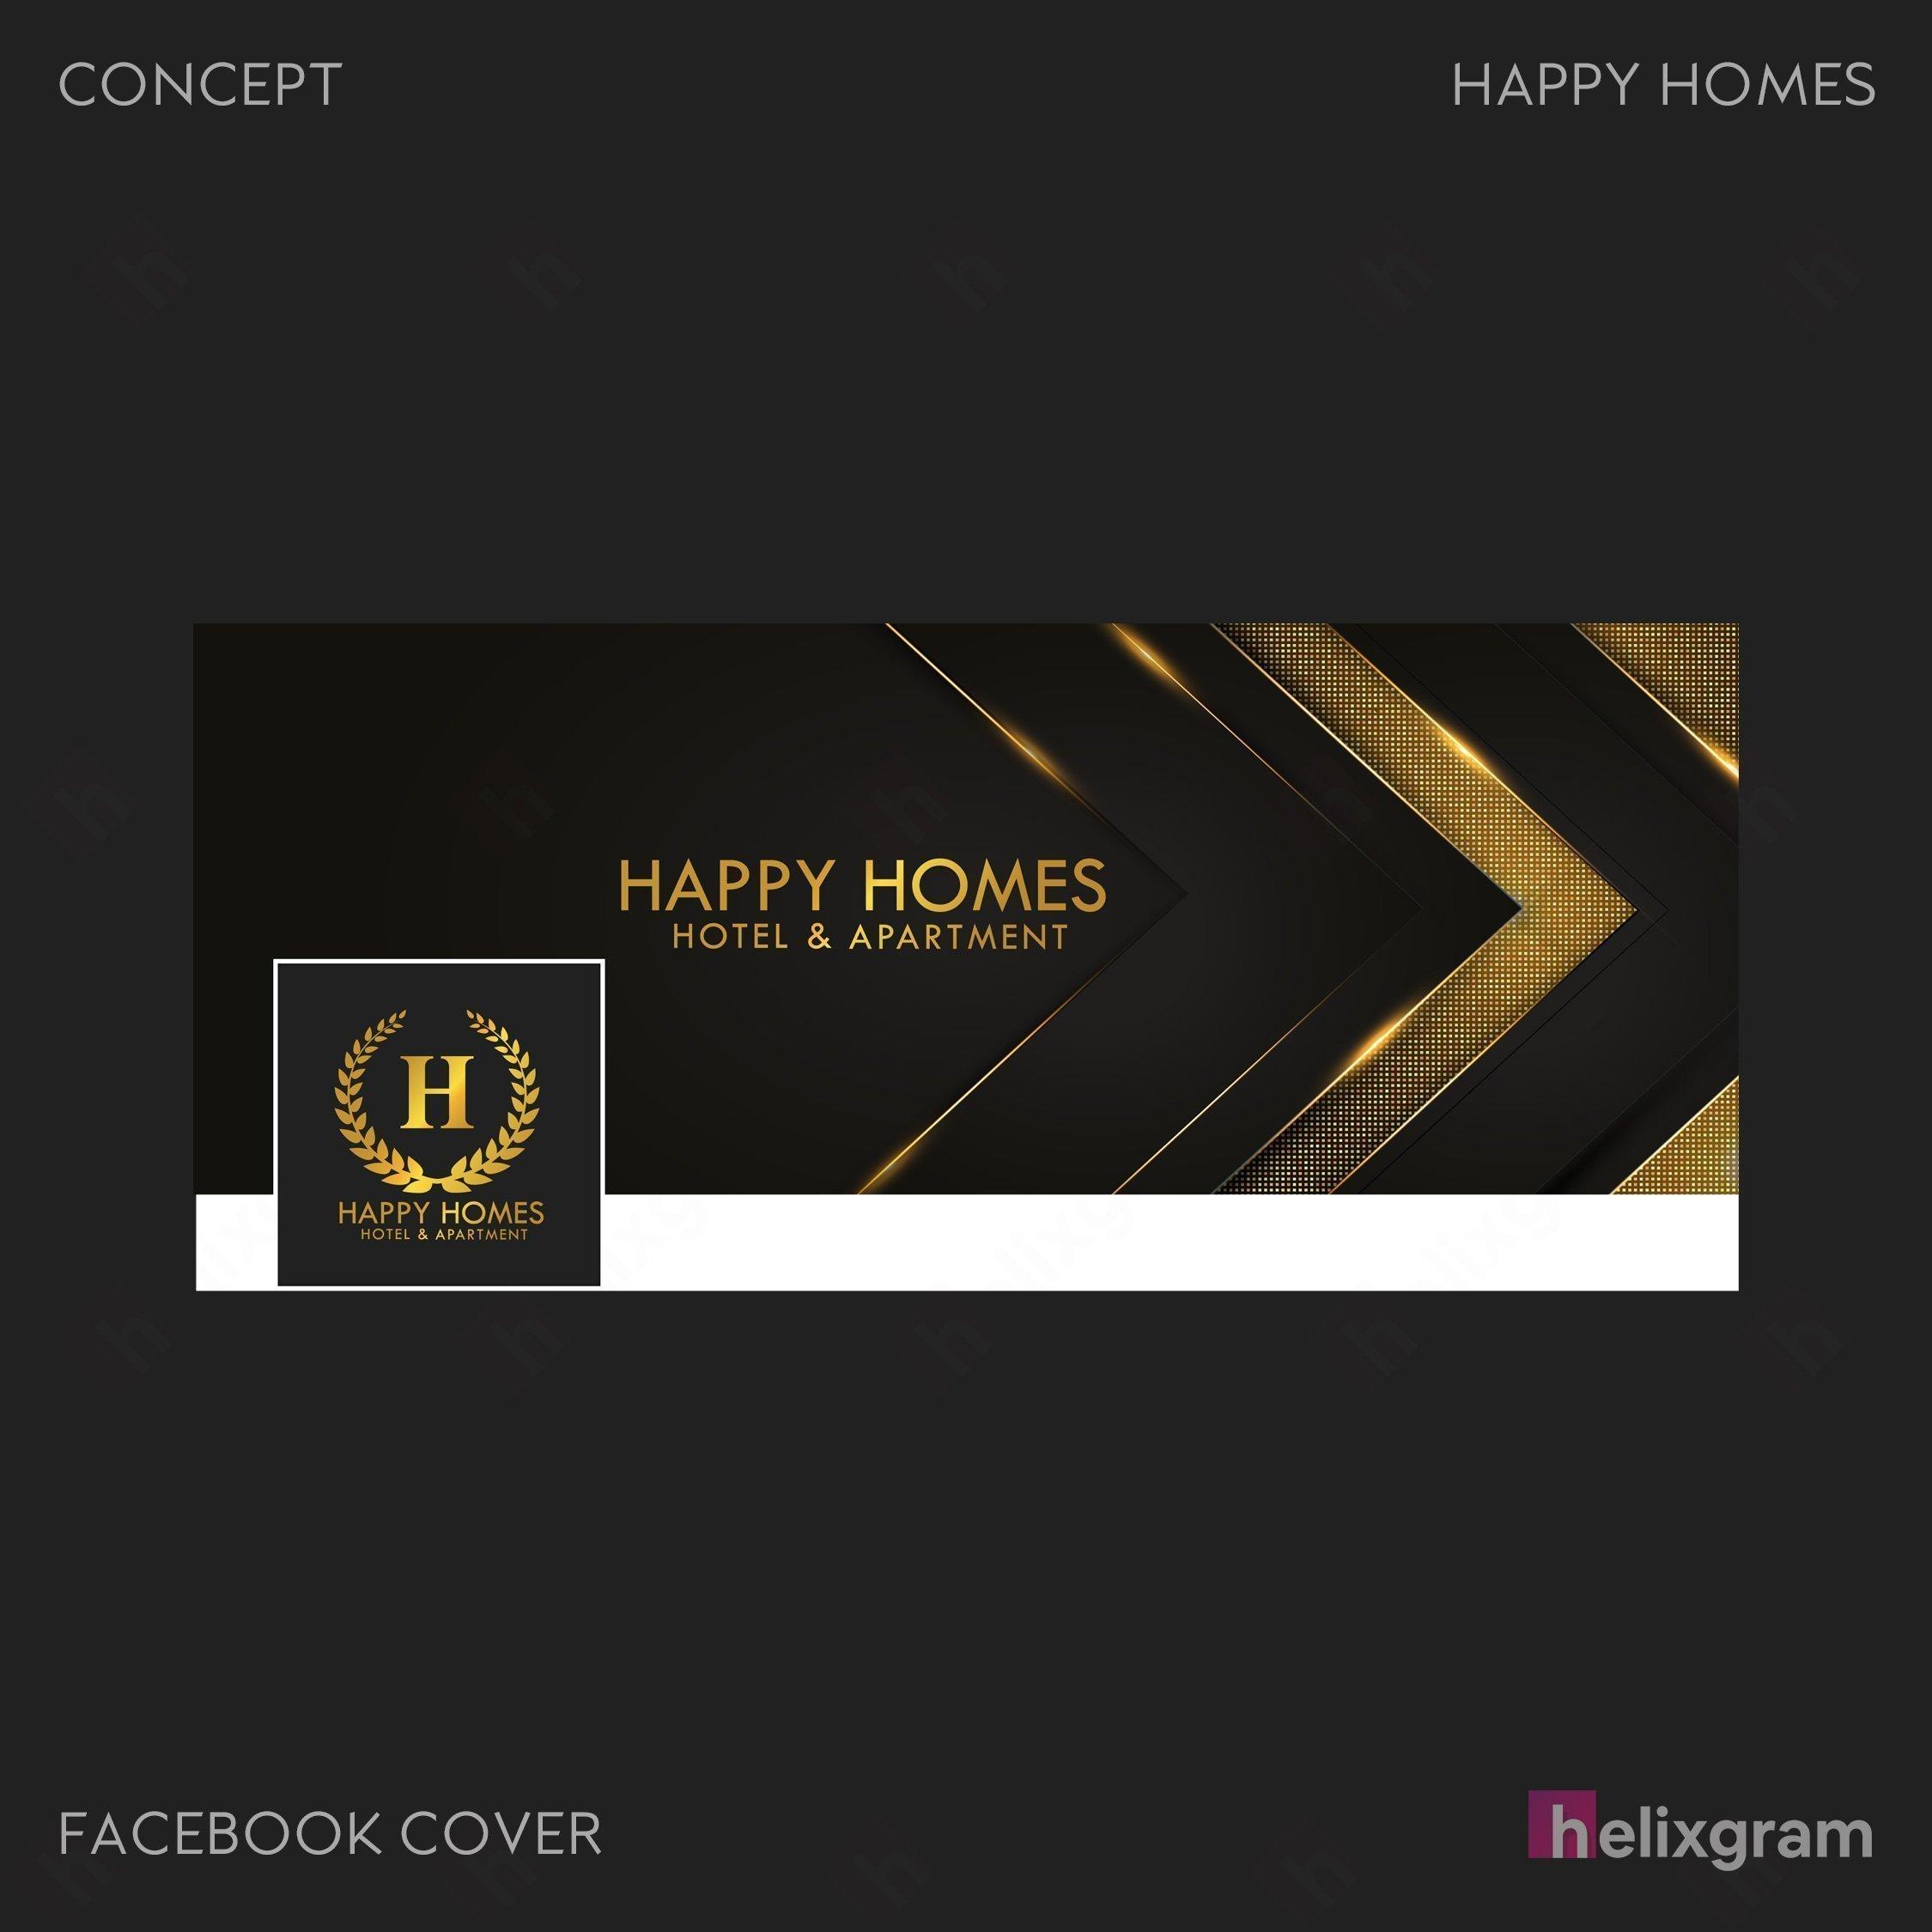 Banner mạng xã hội Facebook Nhận diện thương hiệu Happy Homes Sài Gòn Thiết kế thương hiệu thiết kế Logo ấn phẩm truyền thông quảng cáo thiết kế website in ấn túi giấy chất lượng cao Saigon Helixgram Design